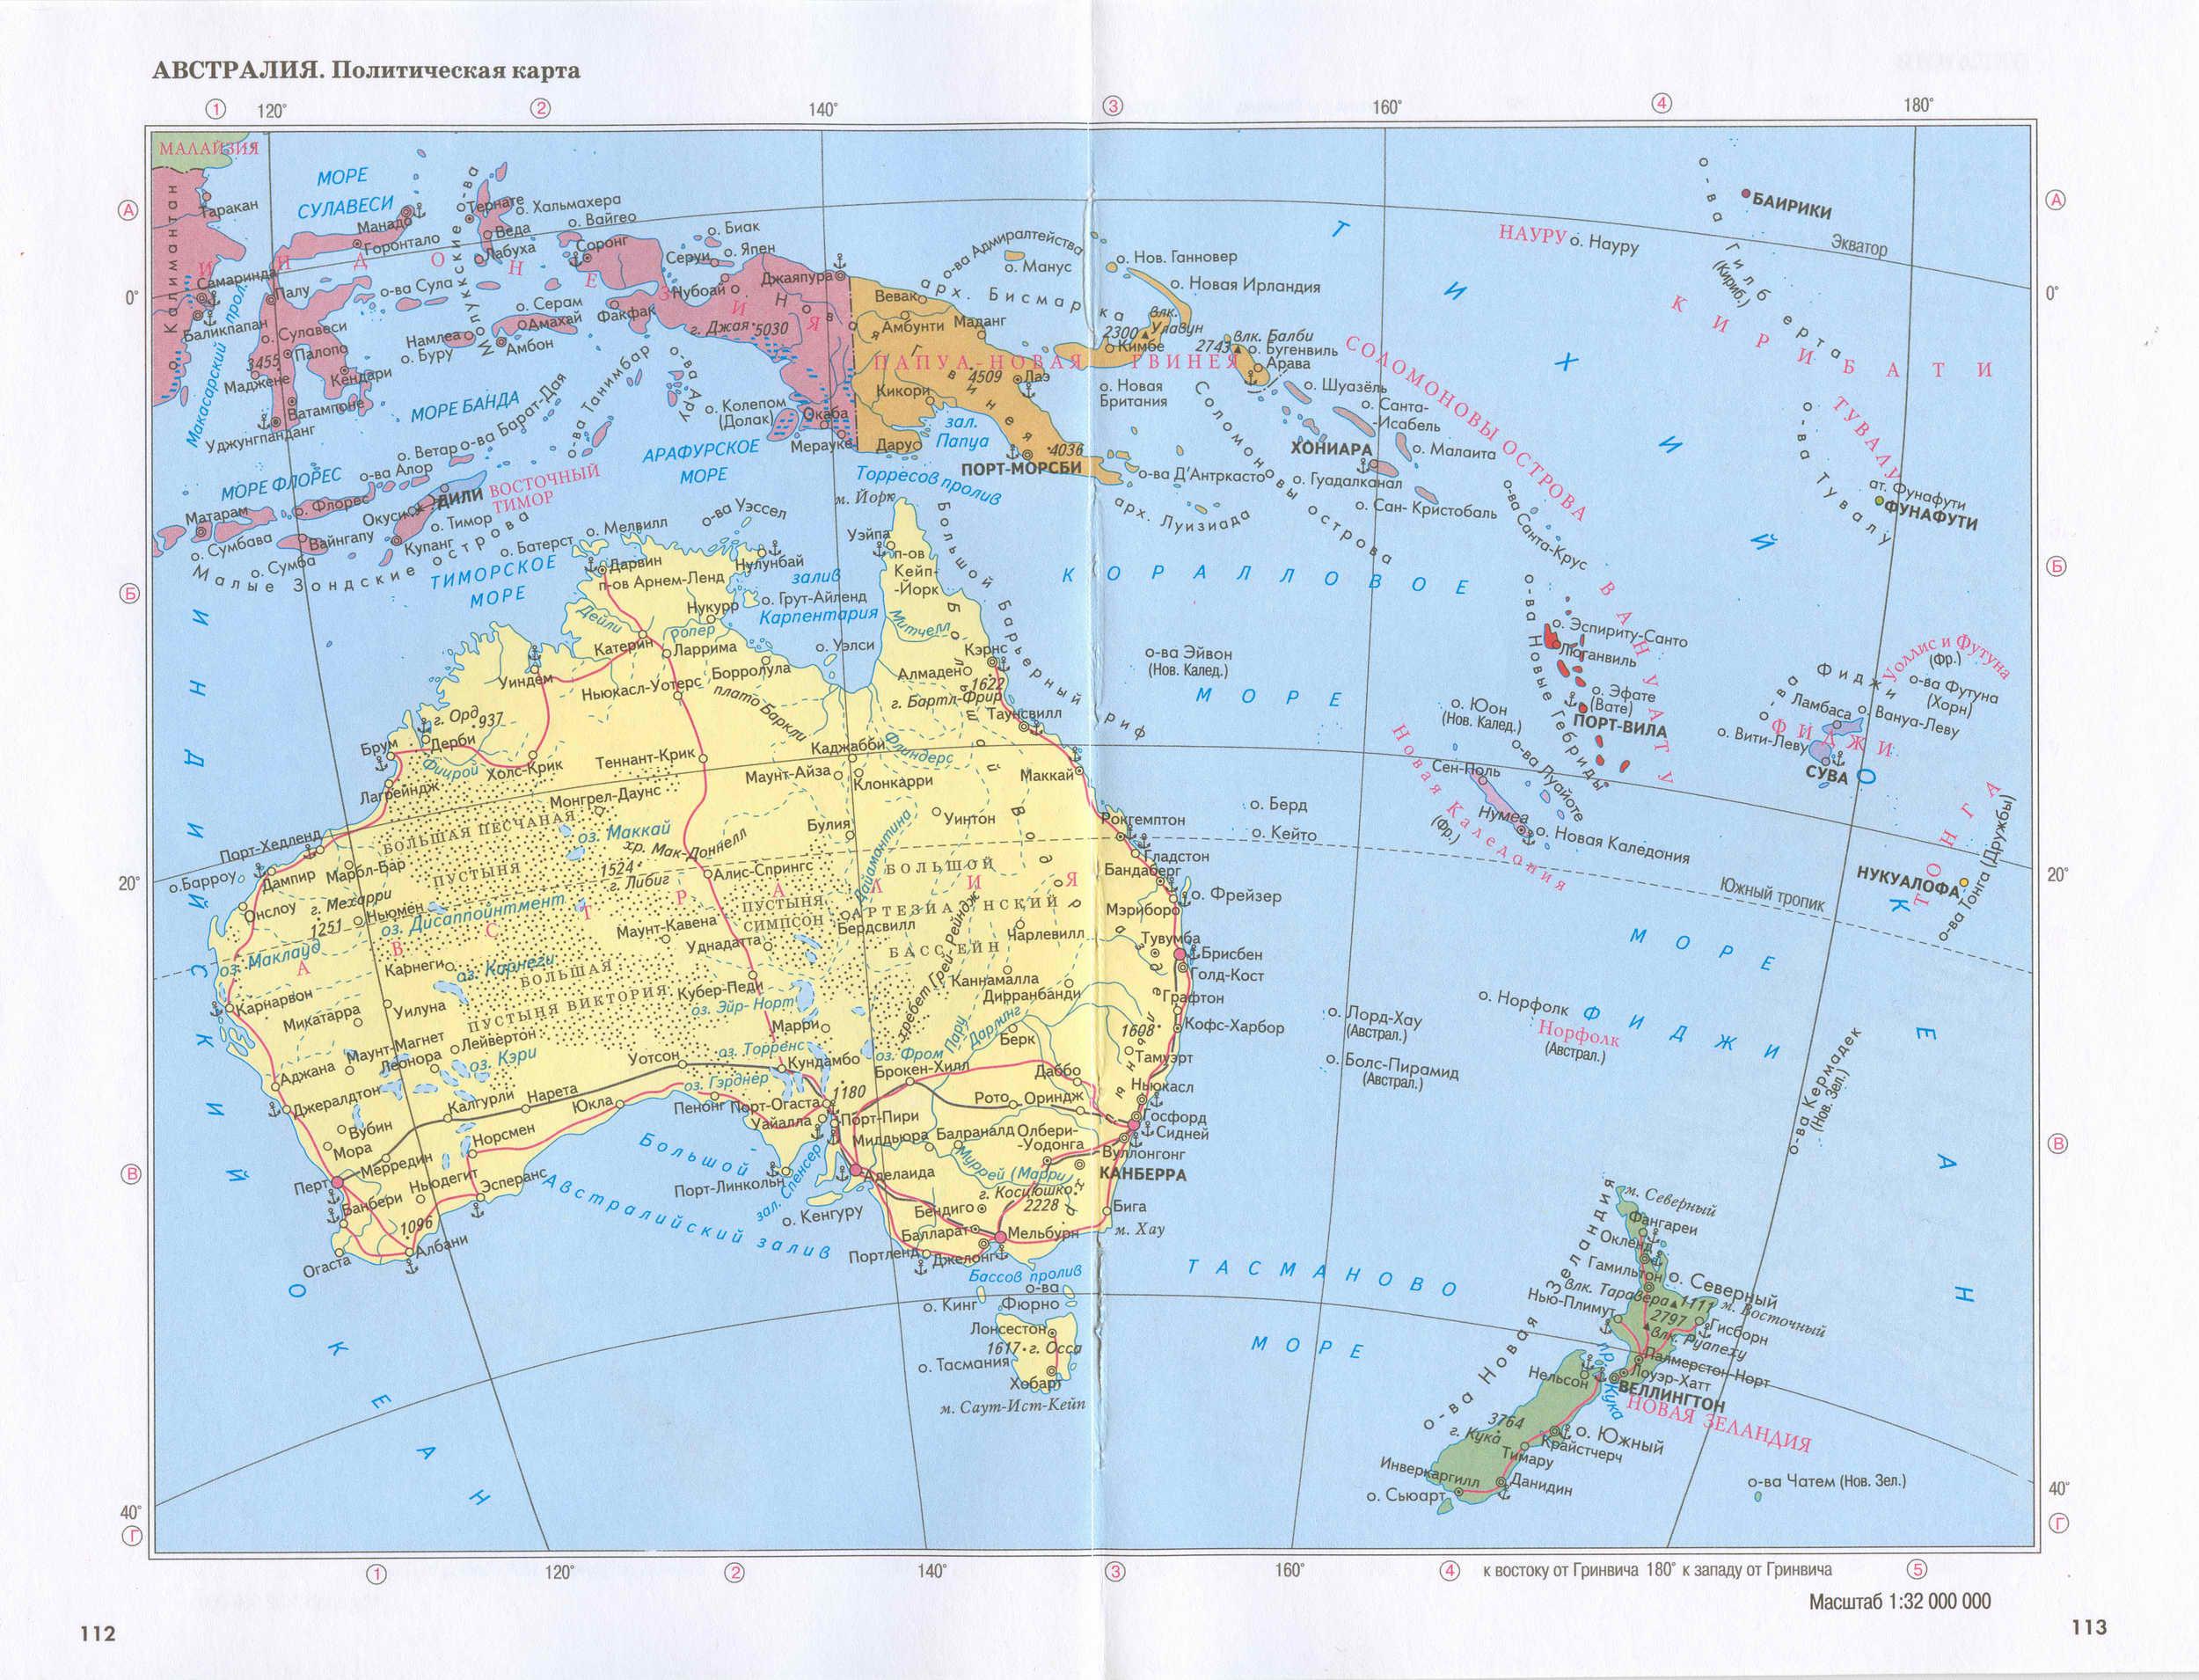 фото на карте новая зеландия